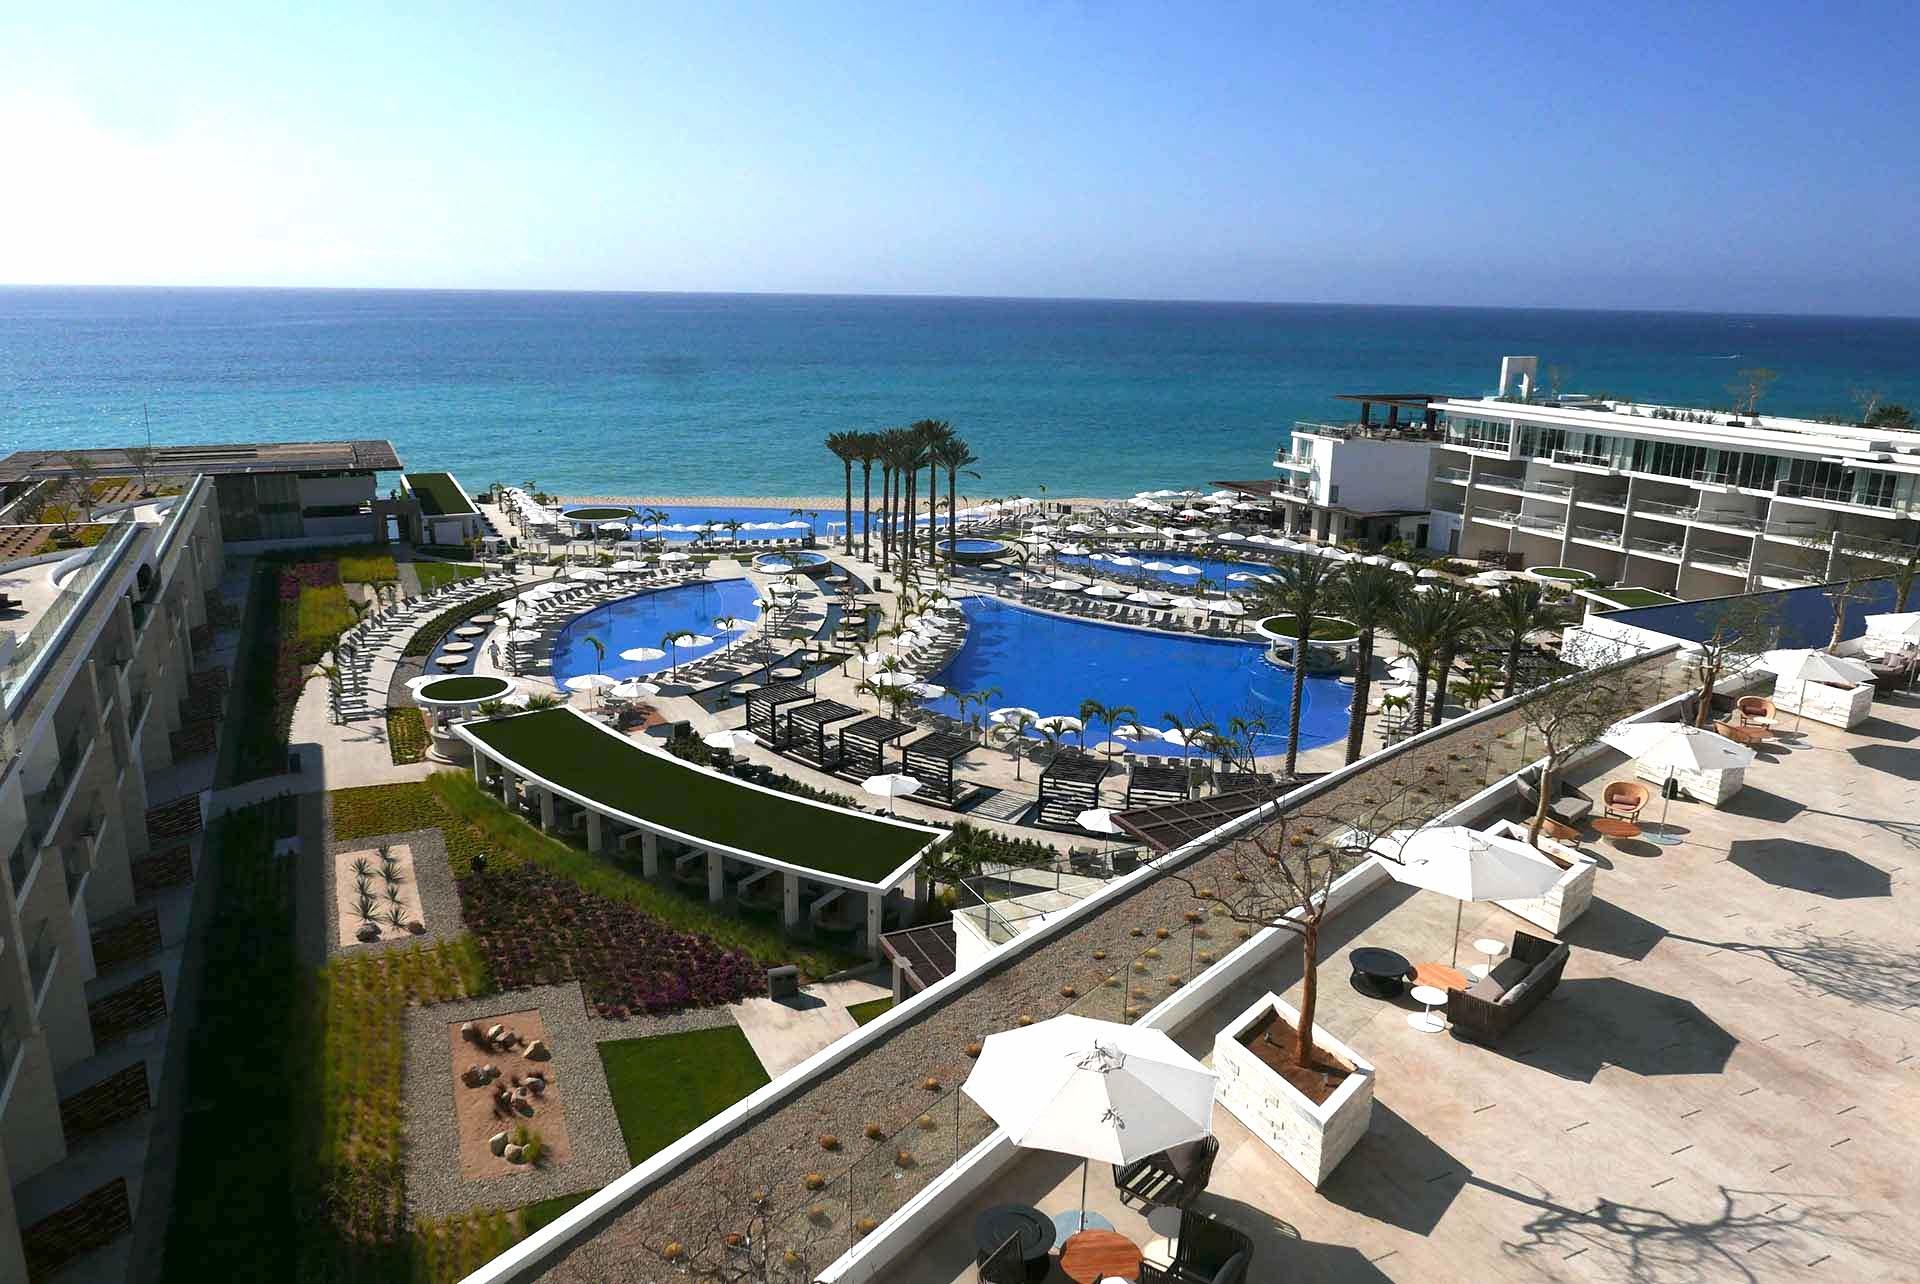 O complexo de piscinas do Le Blanc Los Cabos, resort All Inclusive de luxo, um sinônimo da sofisticação que o destino oferece